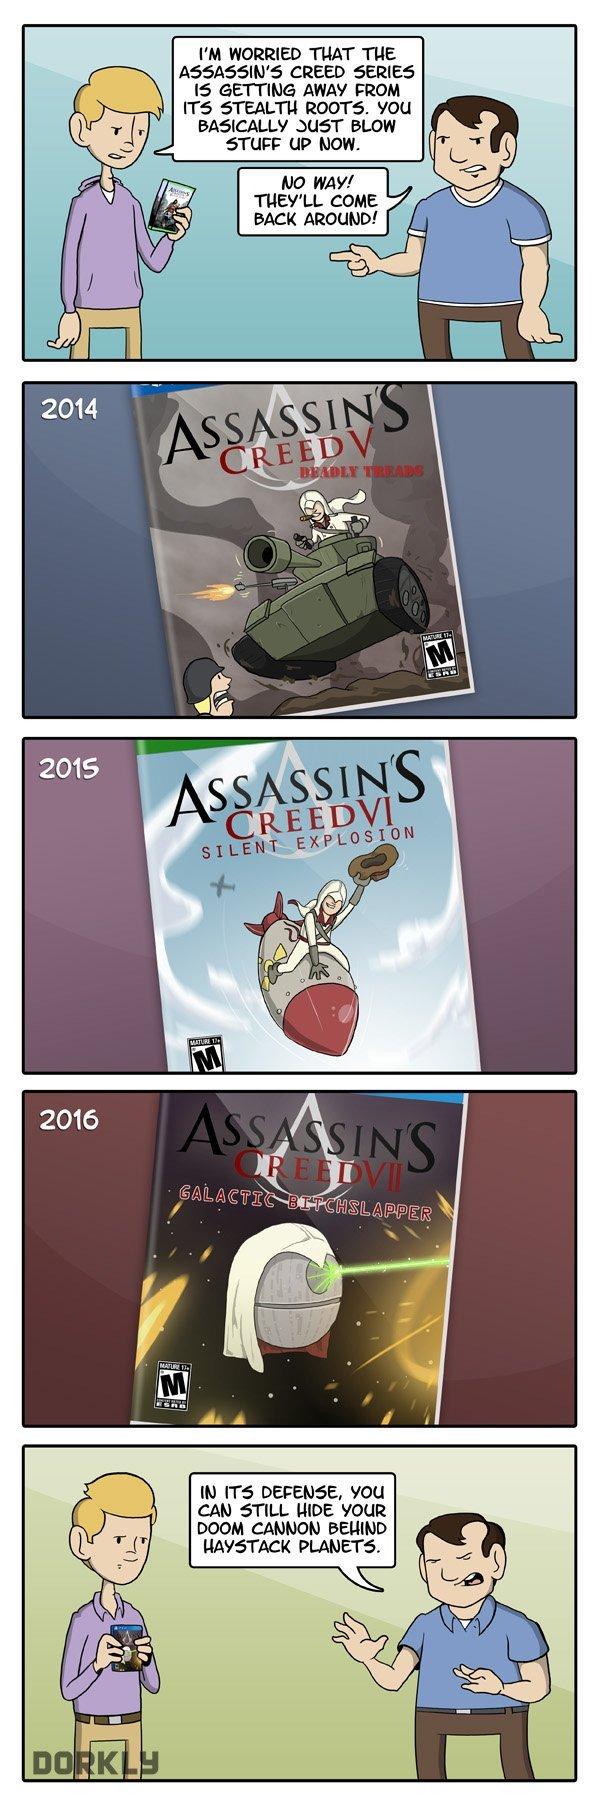 """The Future of Assassin's Creed. . PM THAT TUE ASSASIN' {REED teii t! arrt"""" raa AWAY FRAM querr BLUFF STU"""" LIP HUN. IN rrs , 'FEM CAN STILL HIDE VGUI DOOM IMBHDH"""